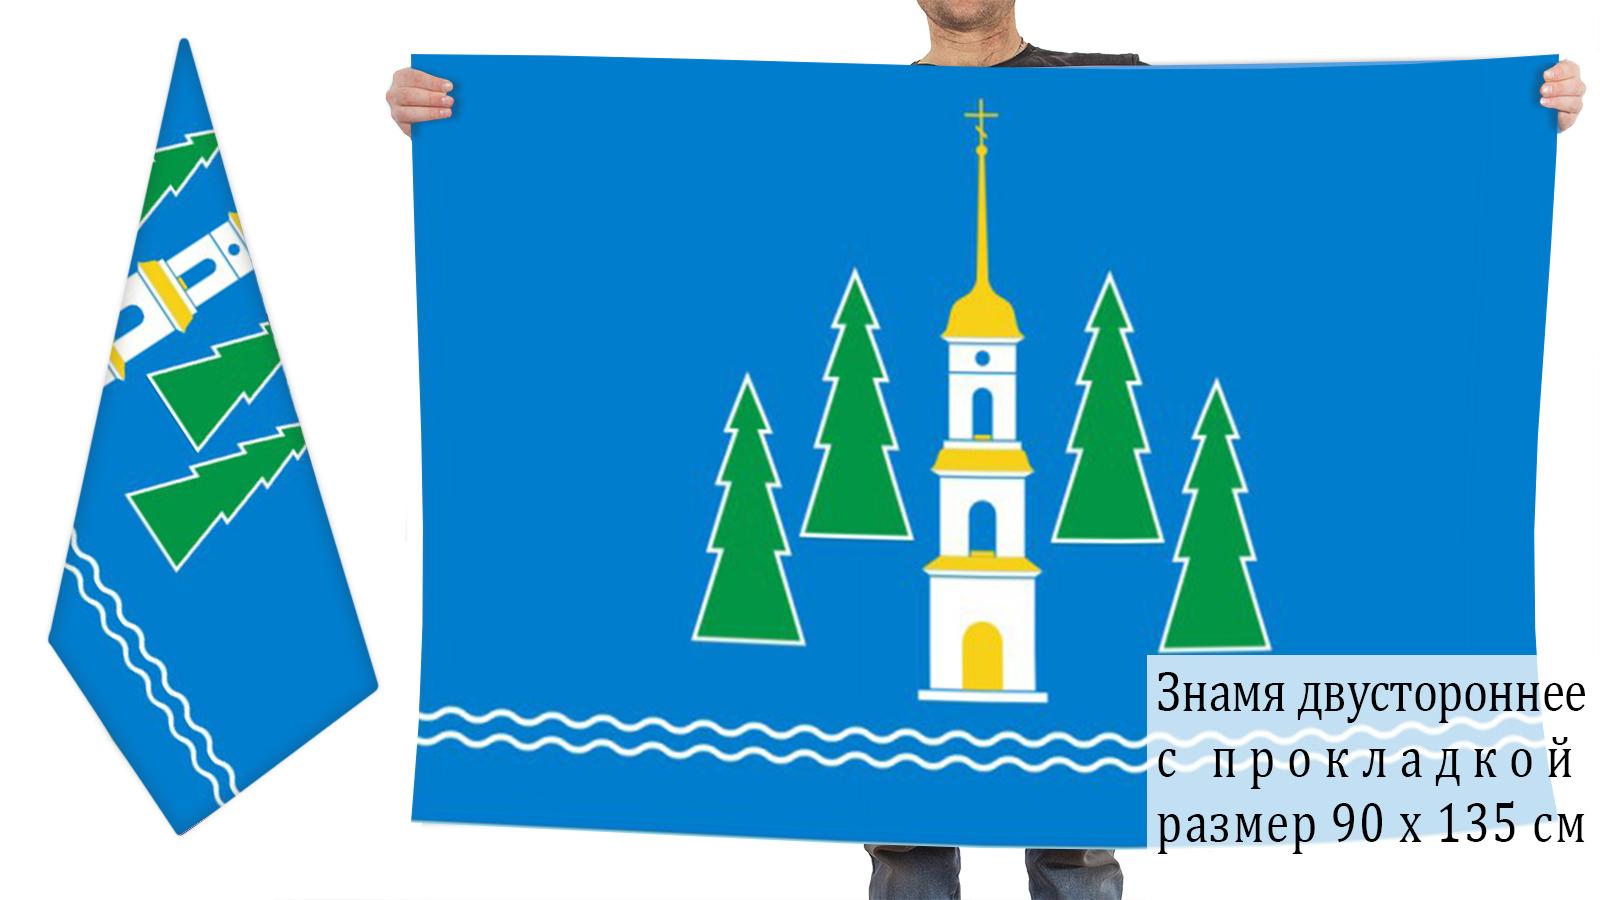 Двусторонний флаг Раменского района